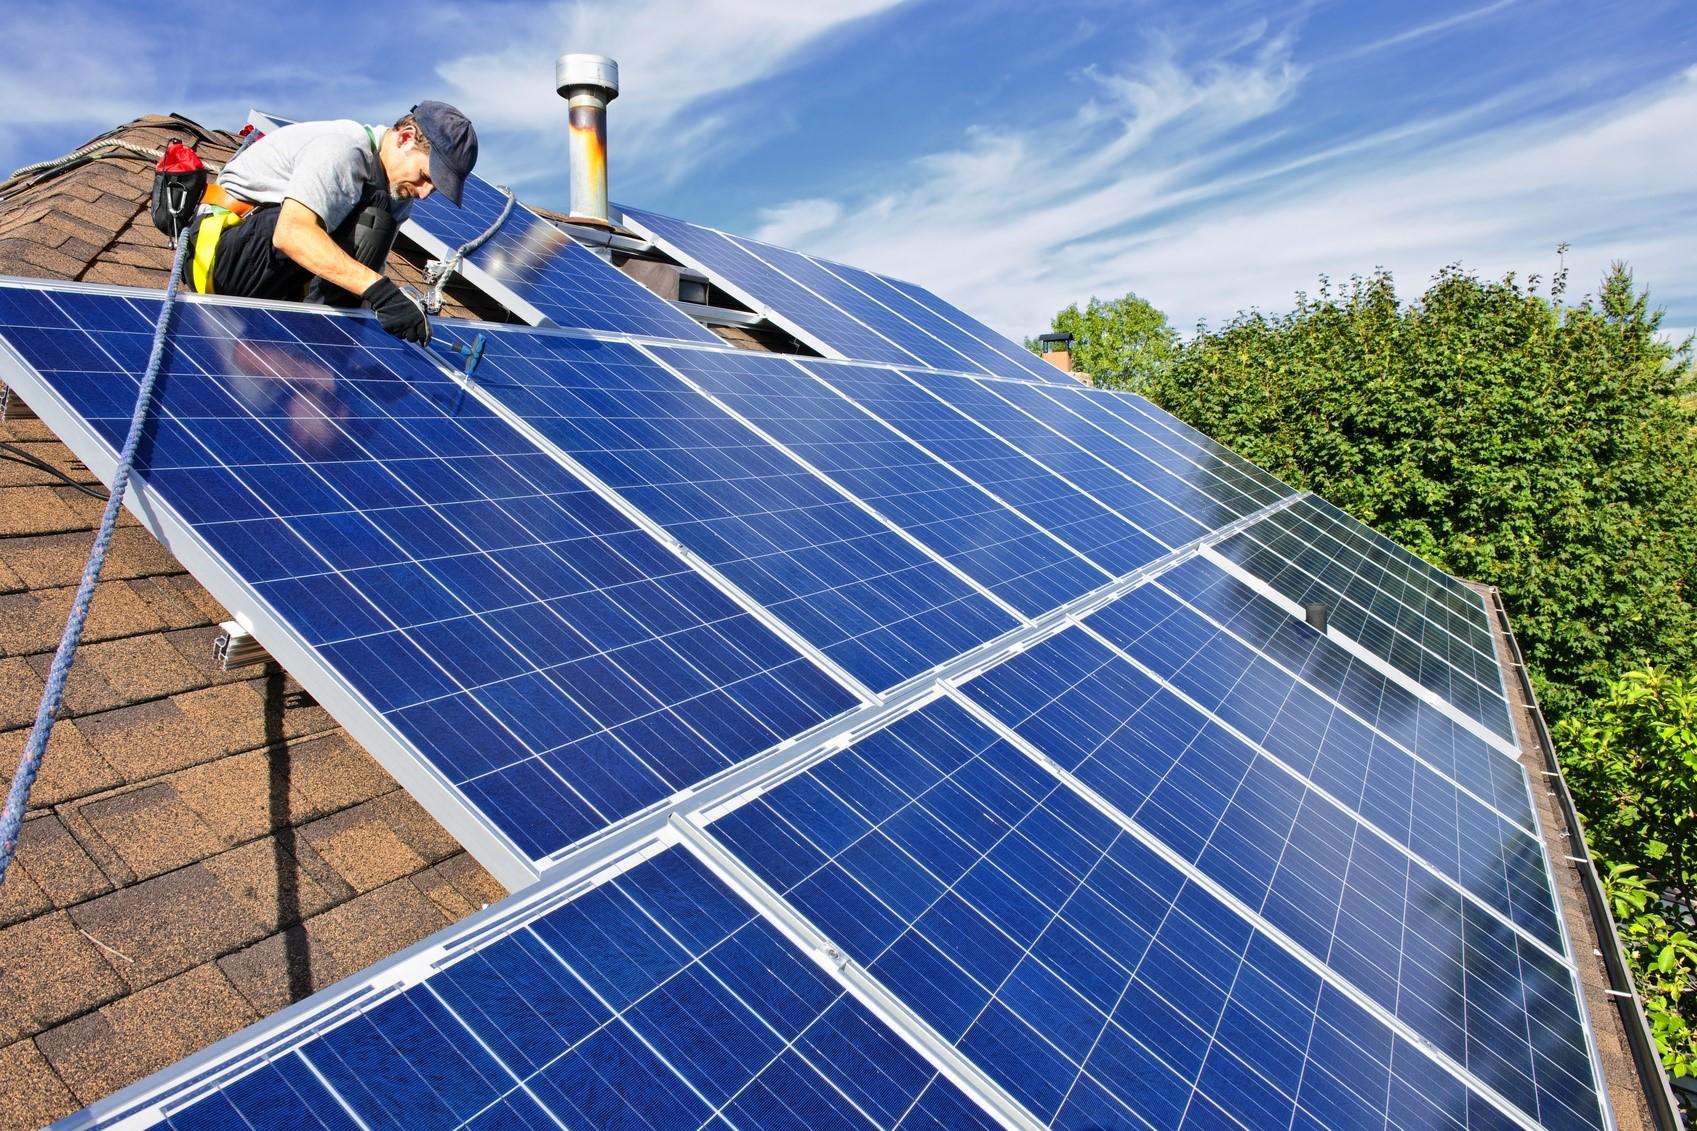 Jakie korzyści daje energia pozyskiwana z naturalnego promieniowania słonecznego?